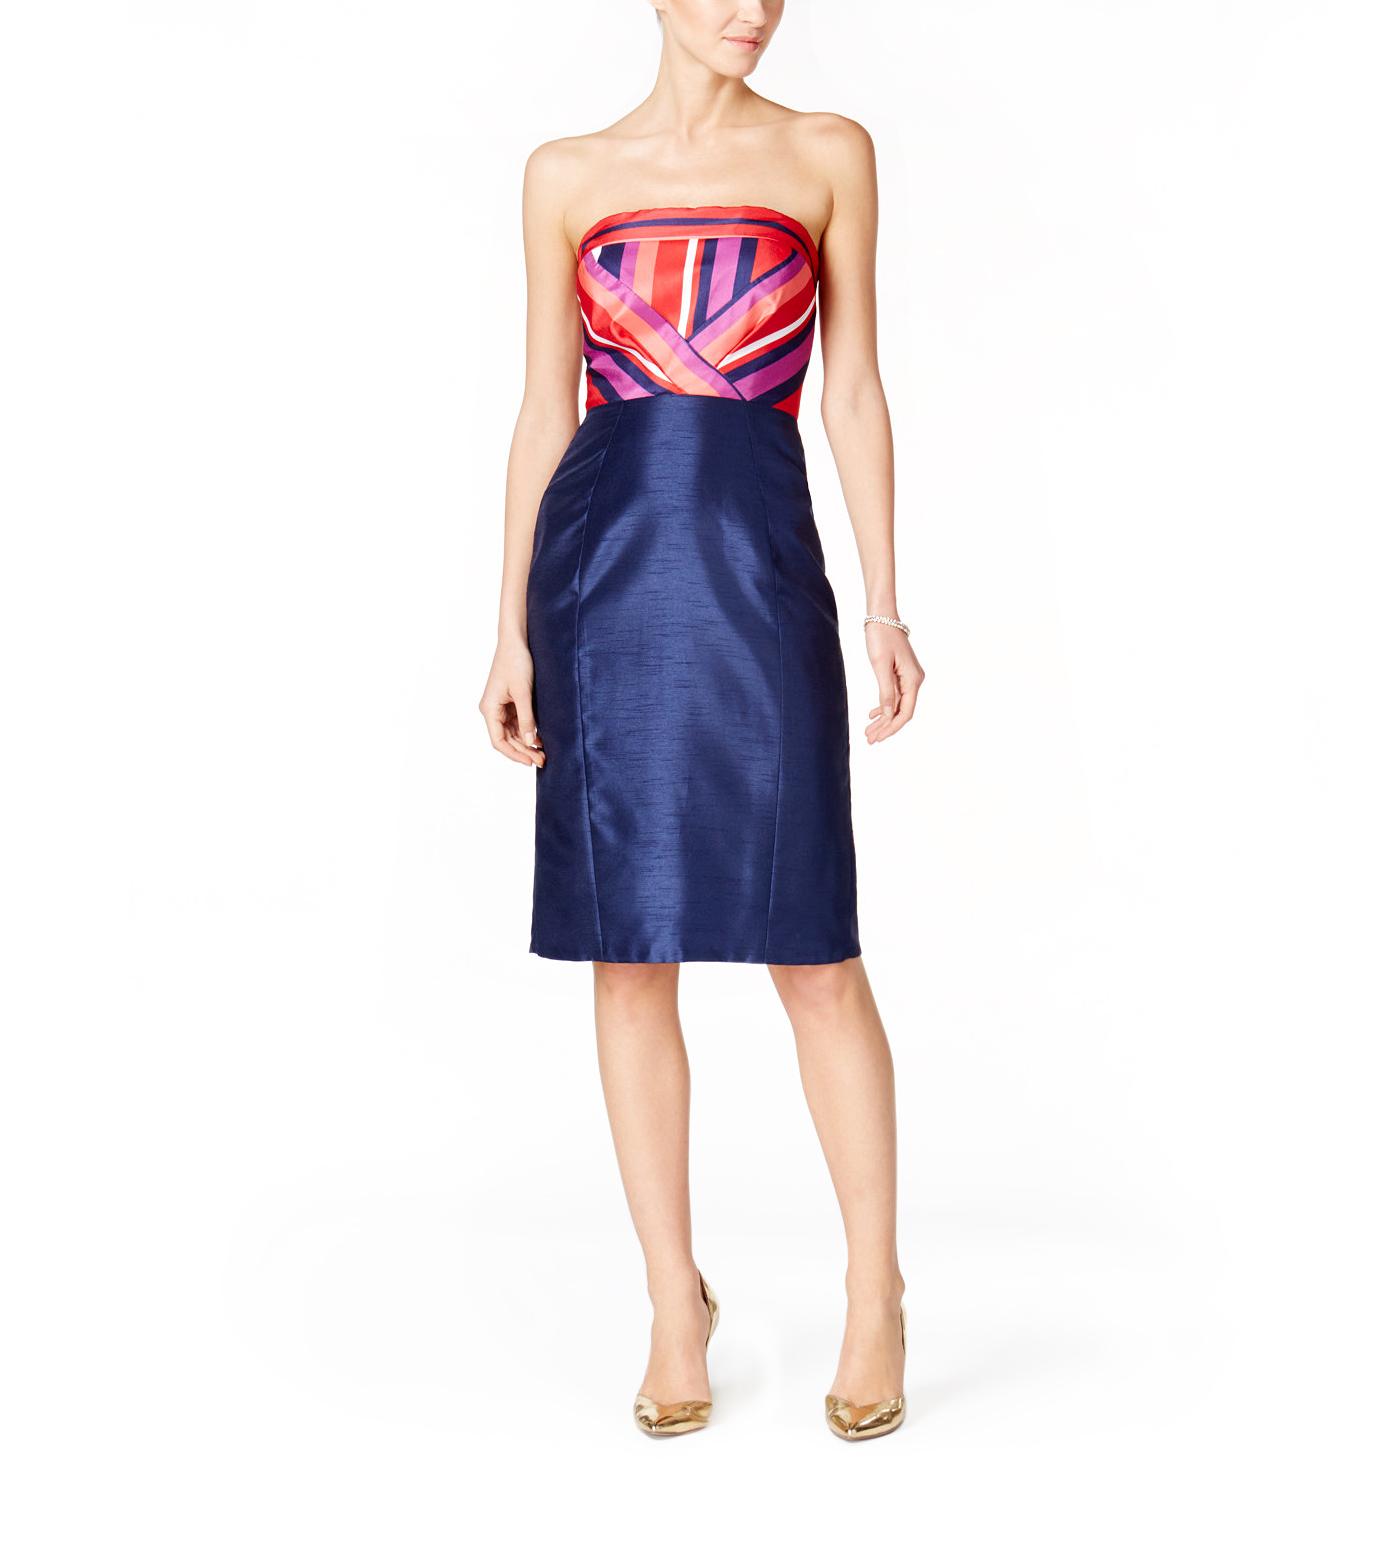 jax strapless striped bodice dress